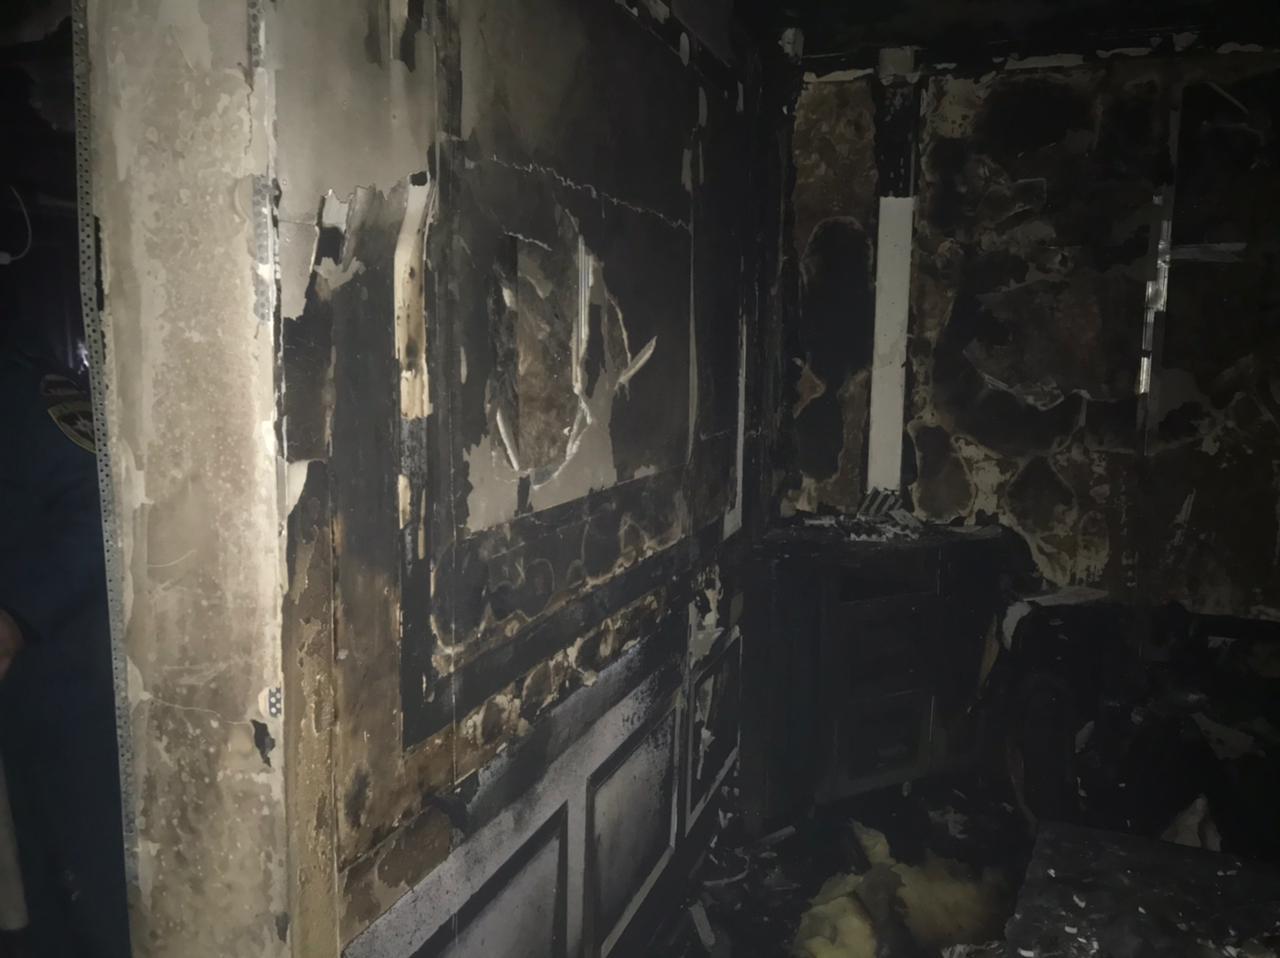 ВВологде произошел пожар вресторане «Афины»